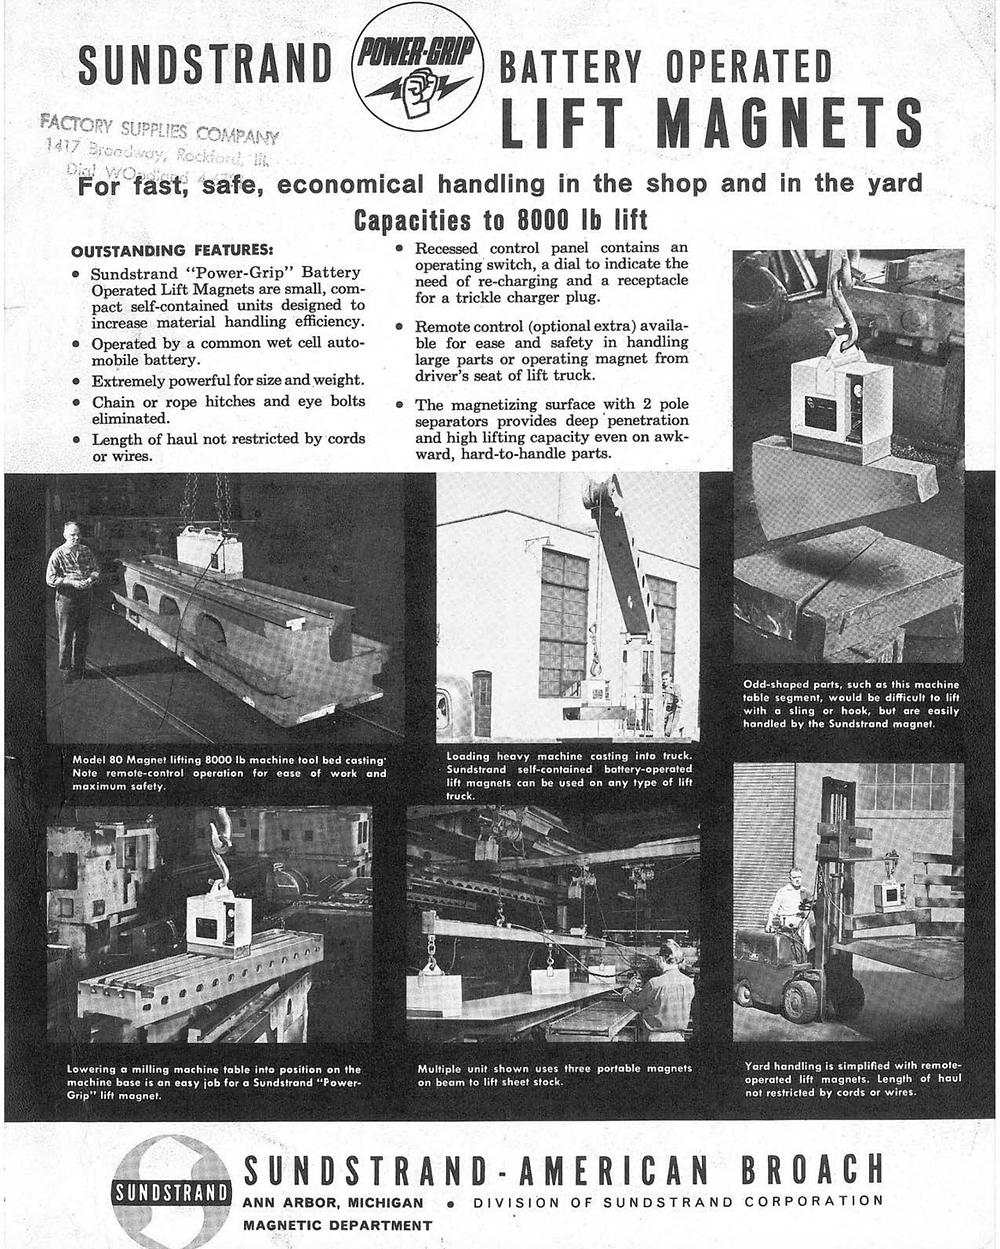 Sundstrand Power-Grip Lift Magnet Advertisement